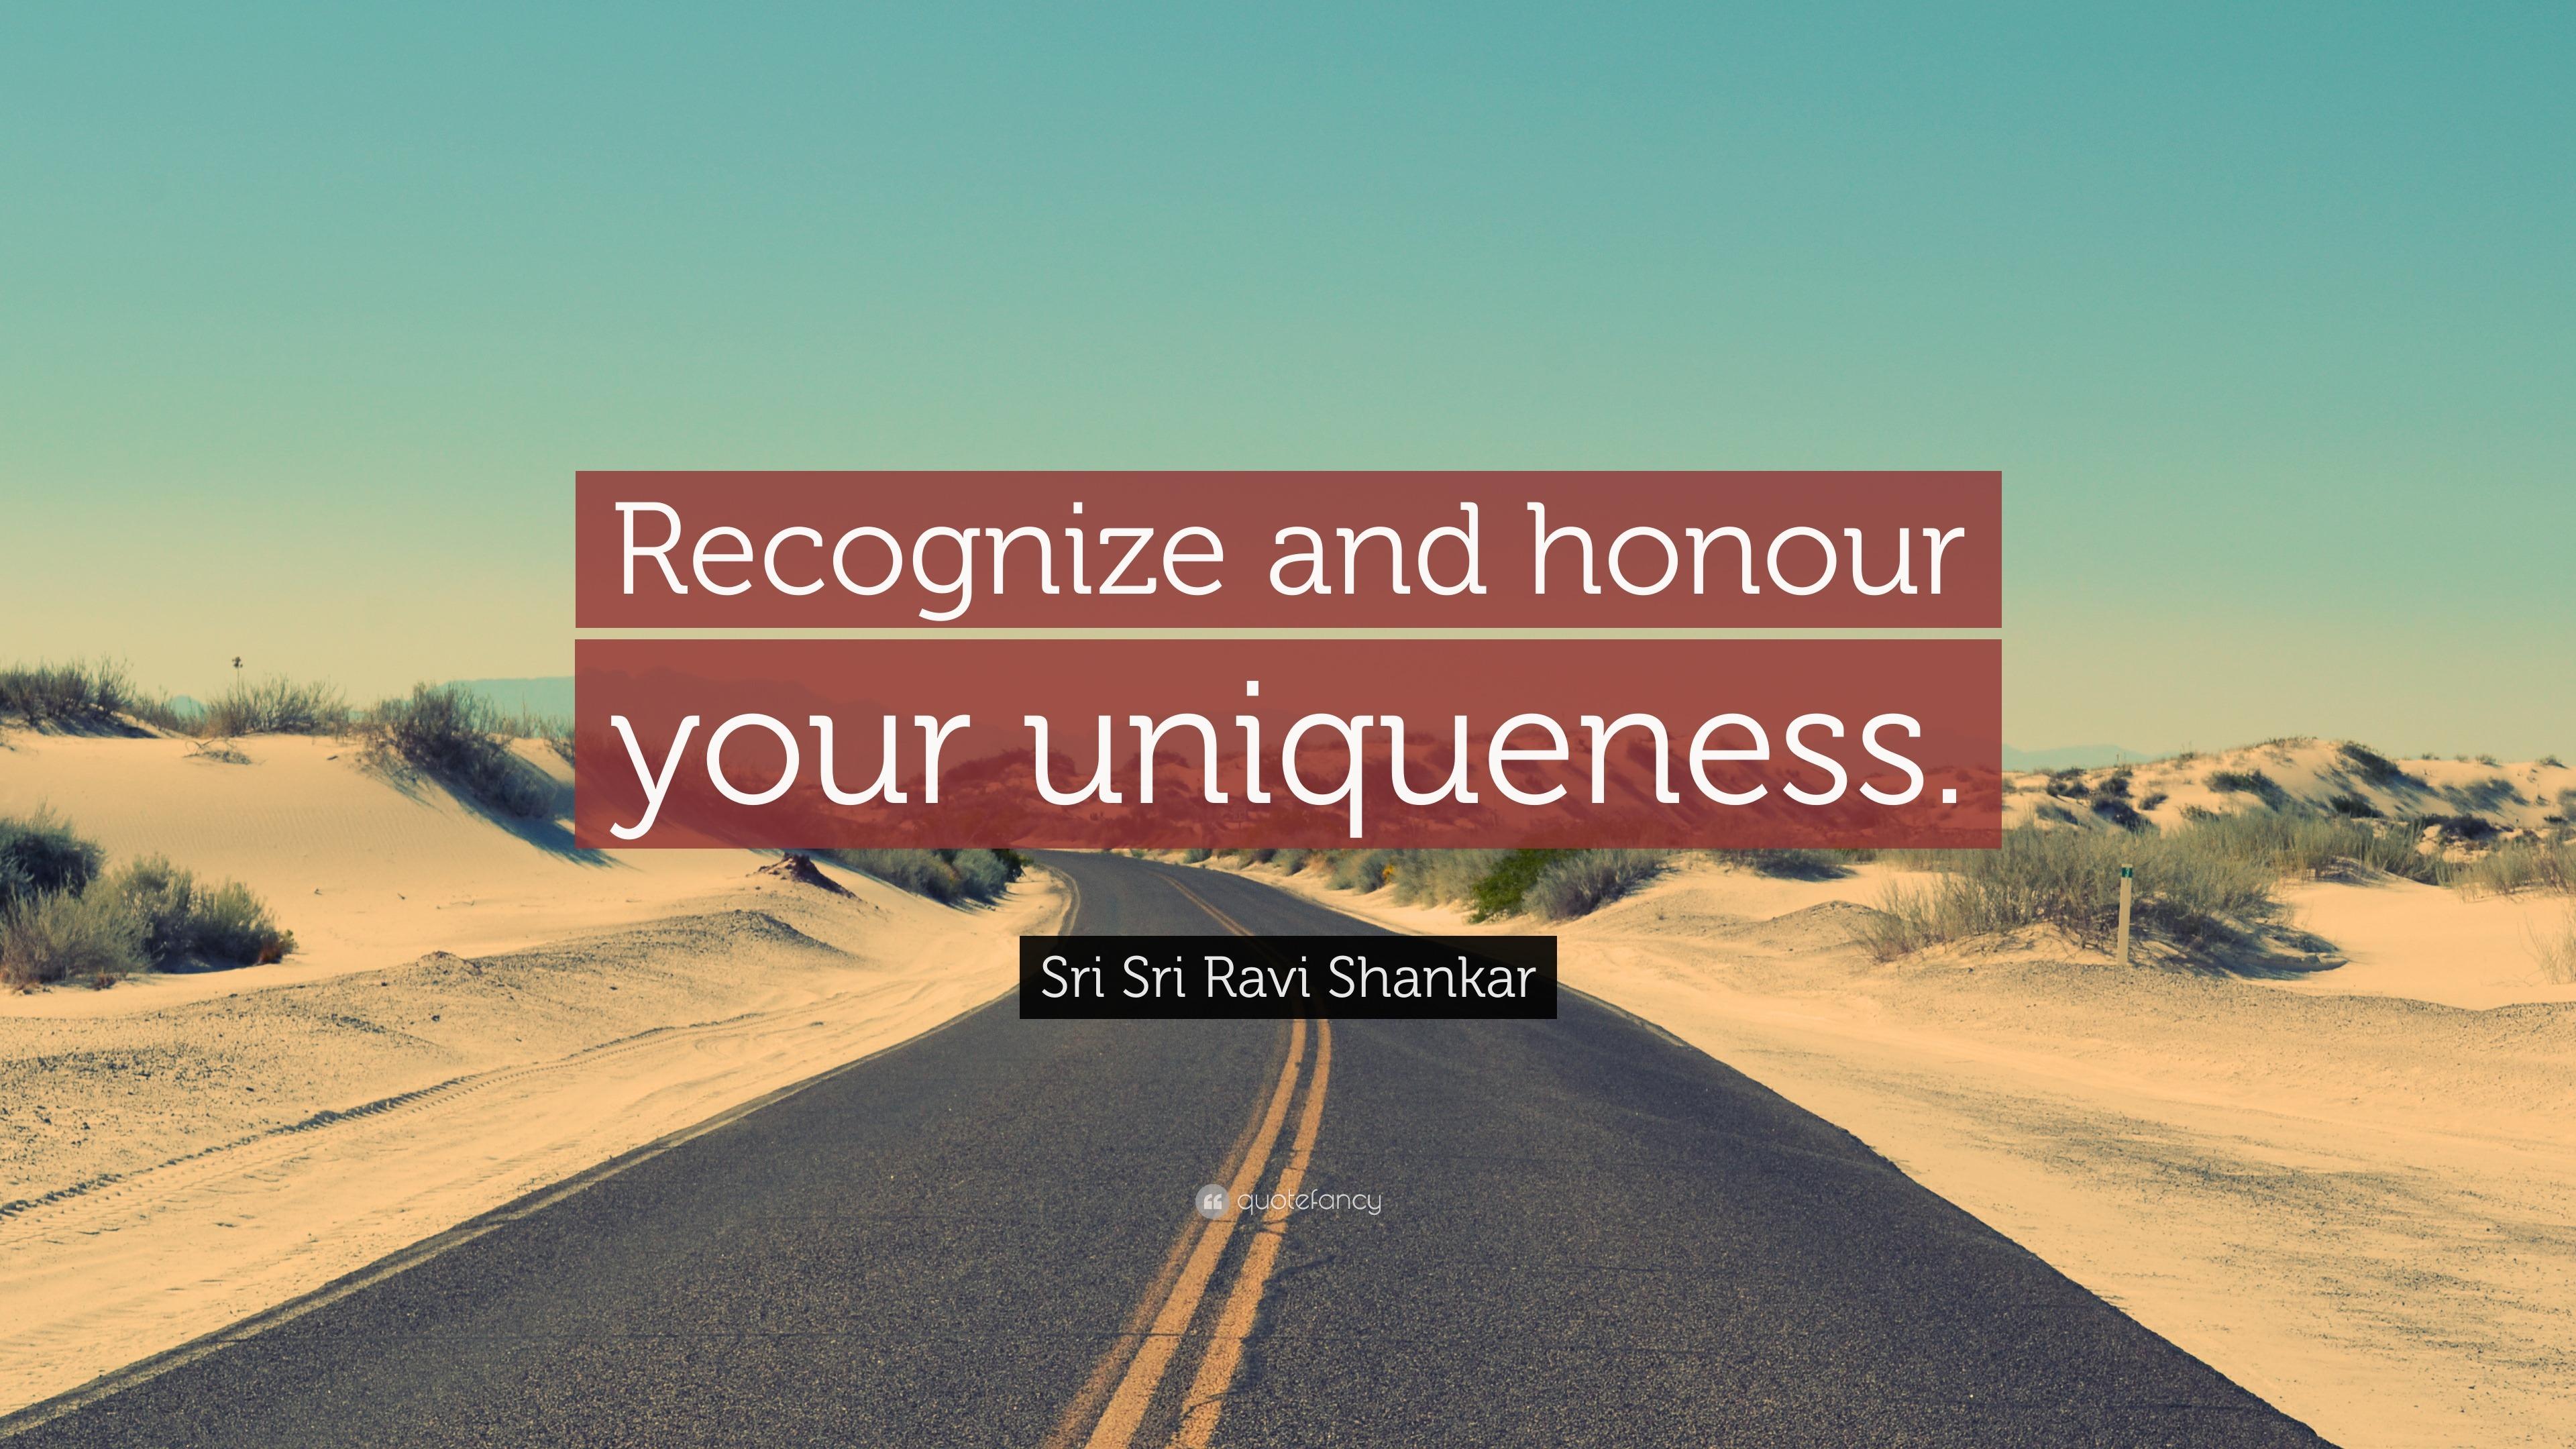 Sri Sri Ravi Shankar Quote Recognize And Honour Your Uniqueness